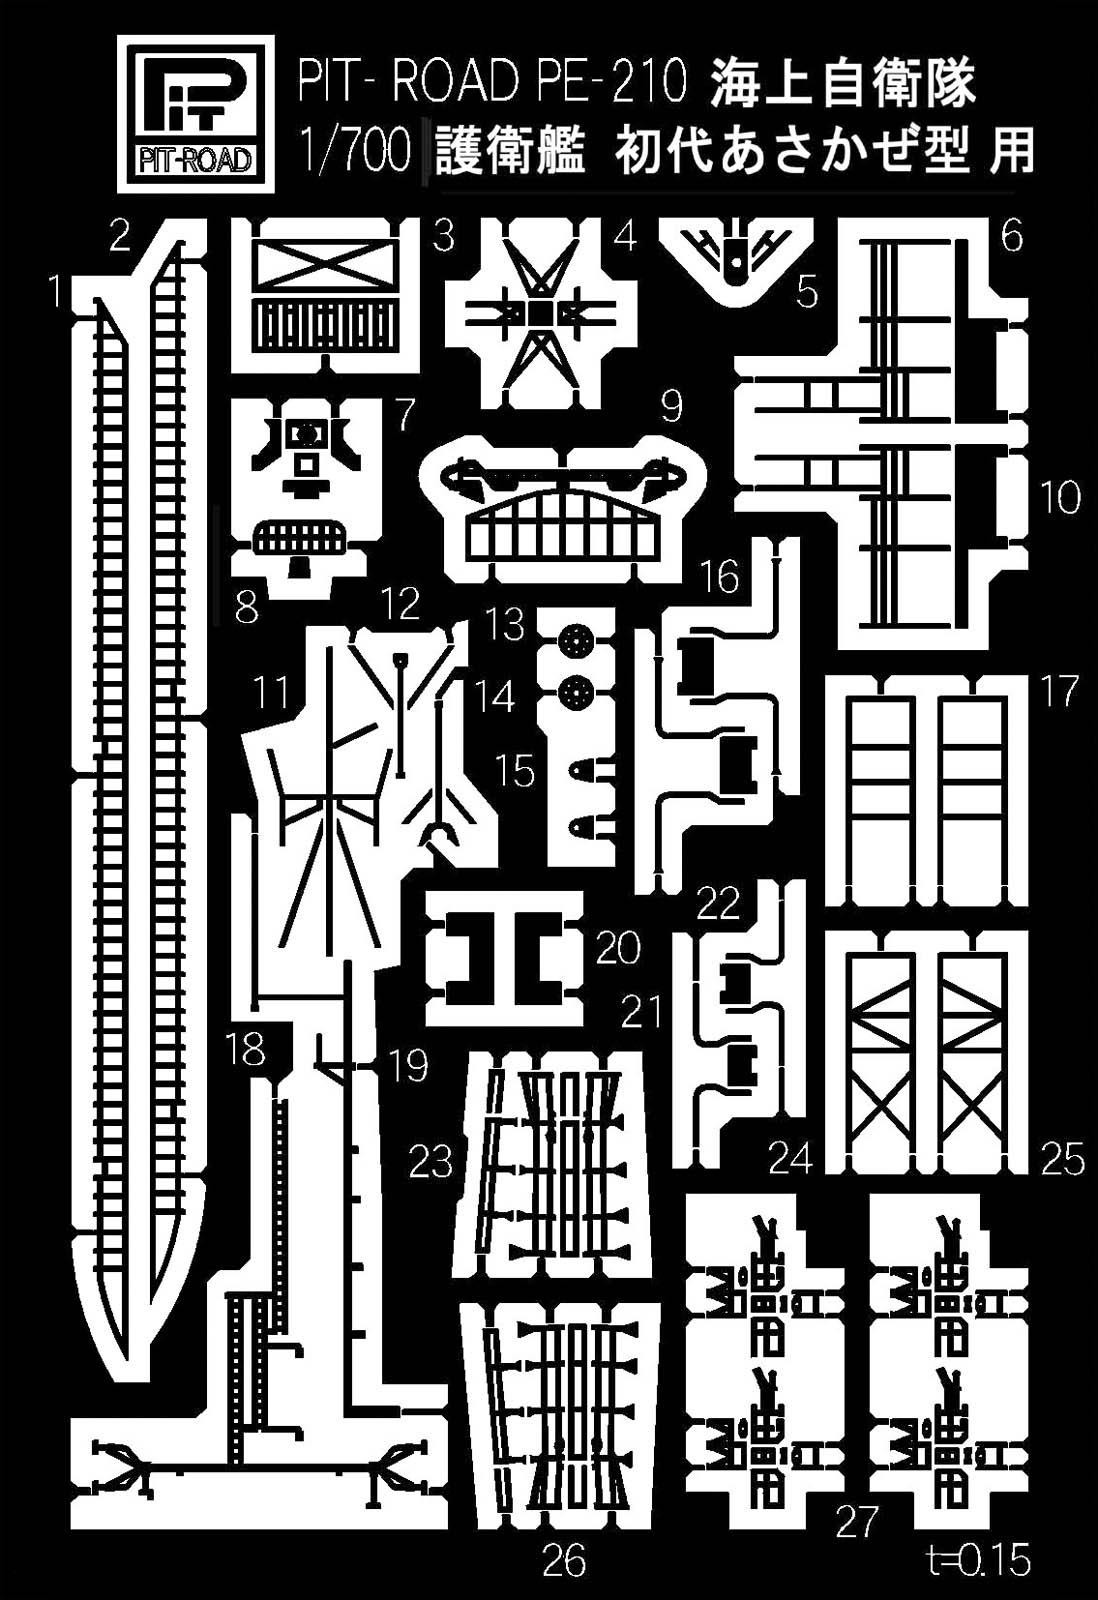 PE210 1/700 海上自衛隊 初代あさかぜ型用 エッチングパーツ